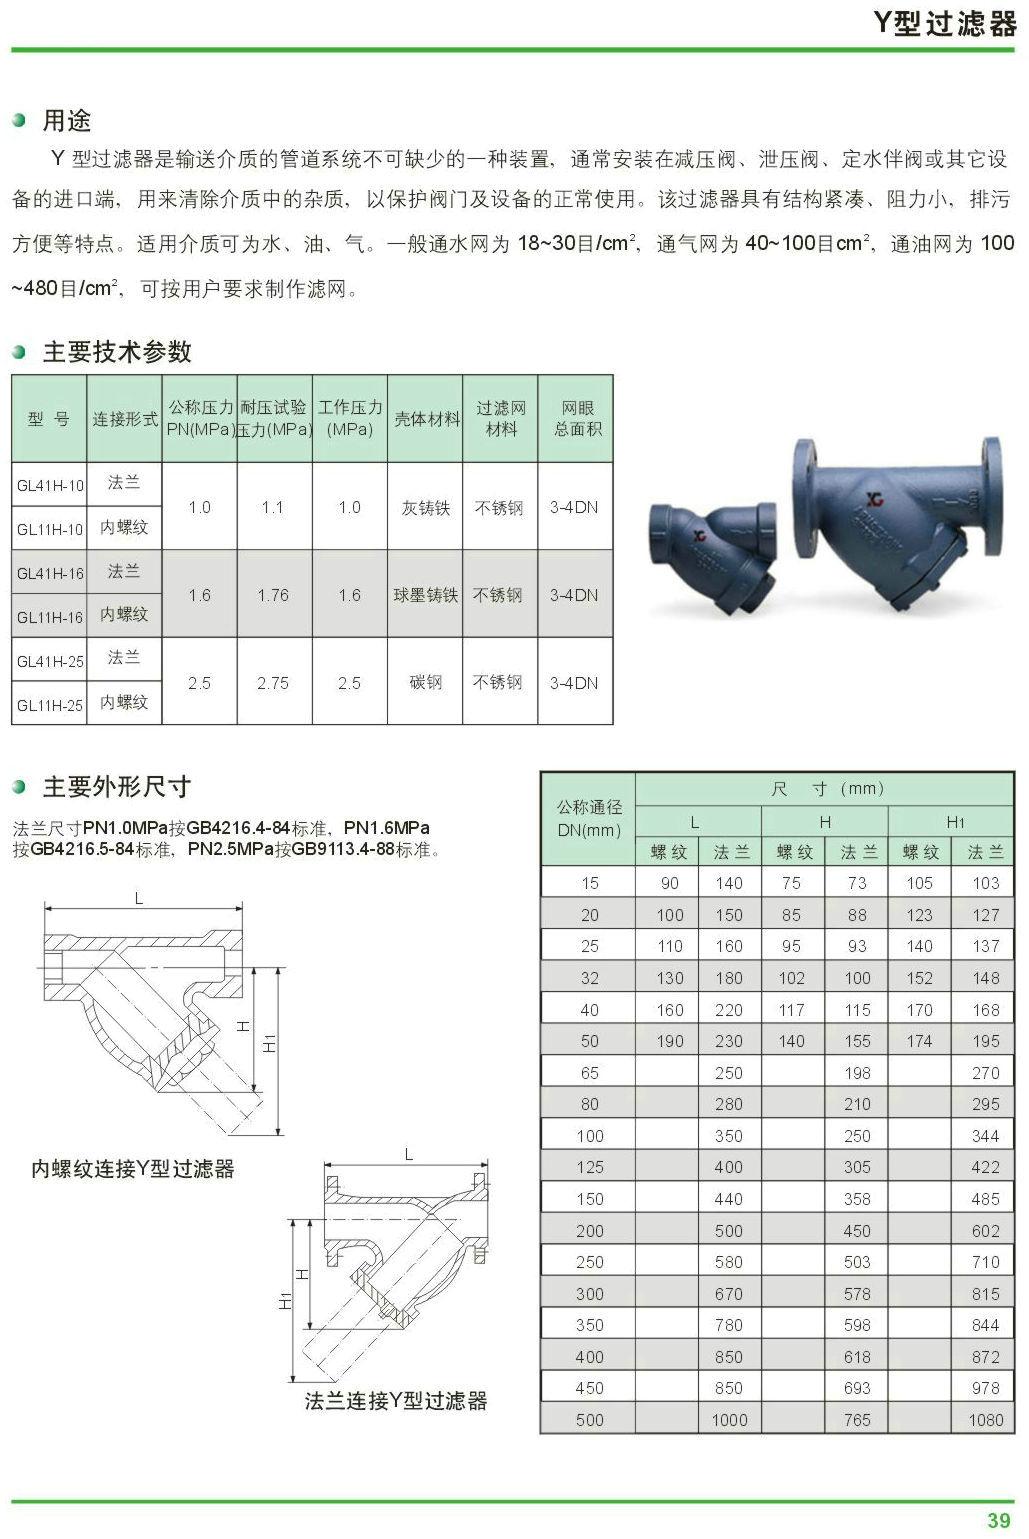 蒸汽过滤器,y型蒸汽过滤器尺寸结构图